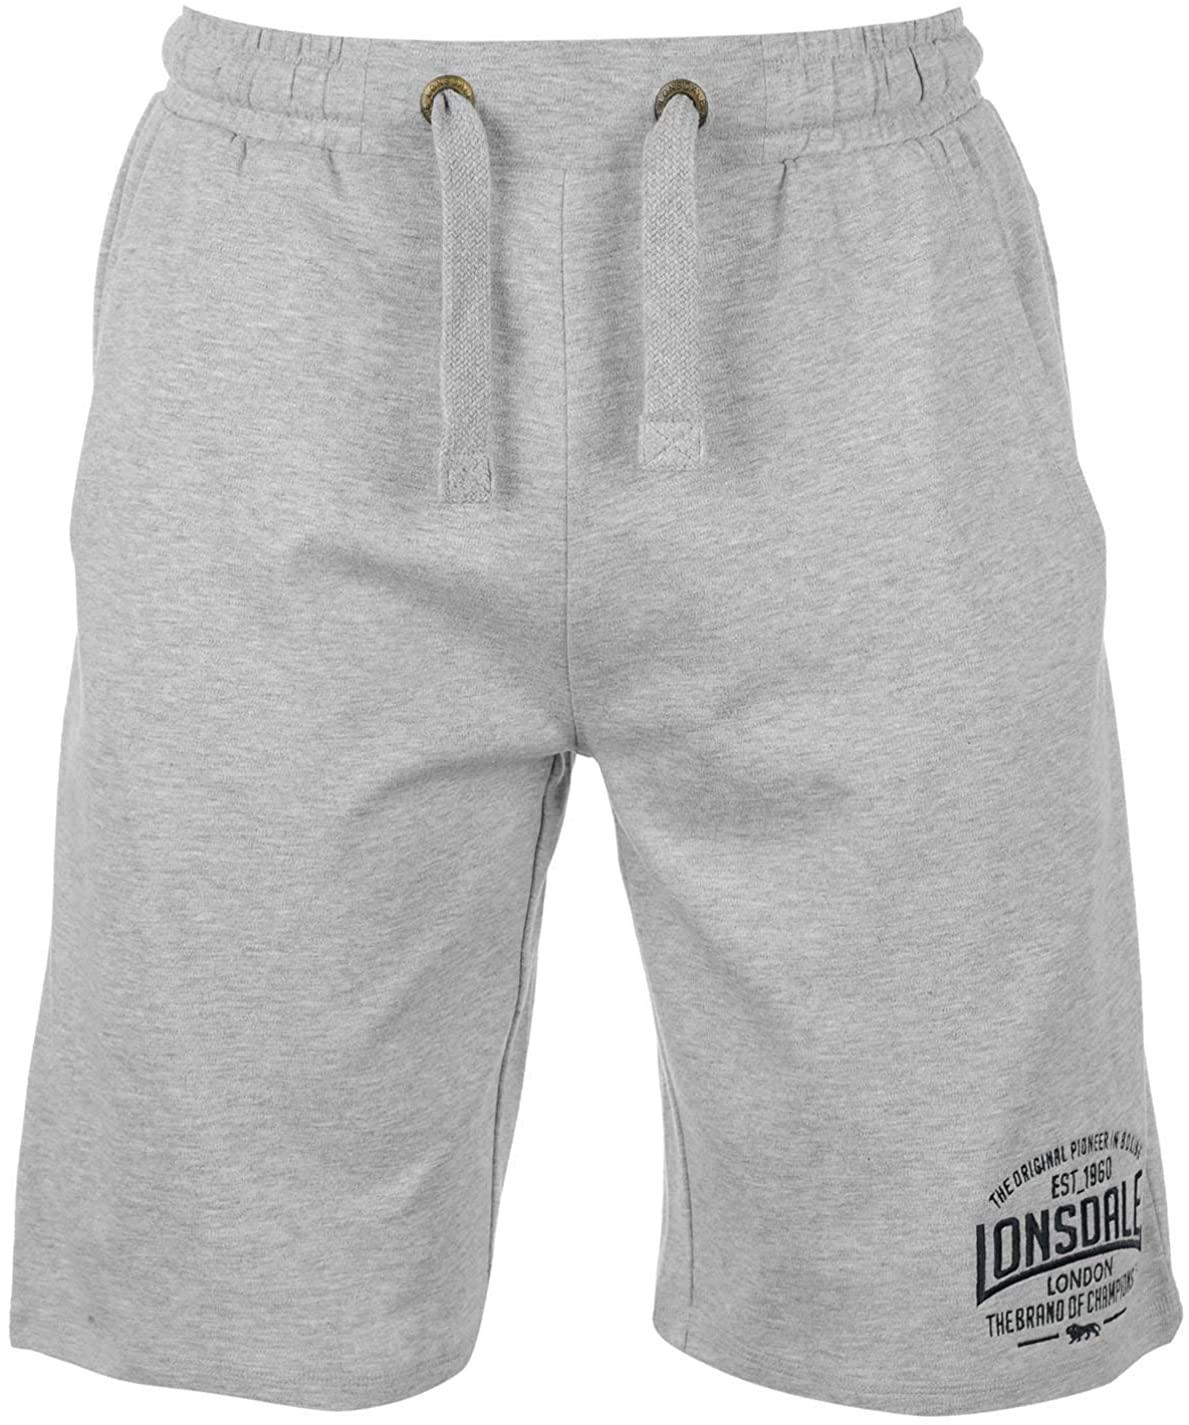 Lonsdale, pantaloncini leggeri da uomo, per sport da combattimento (box)